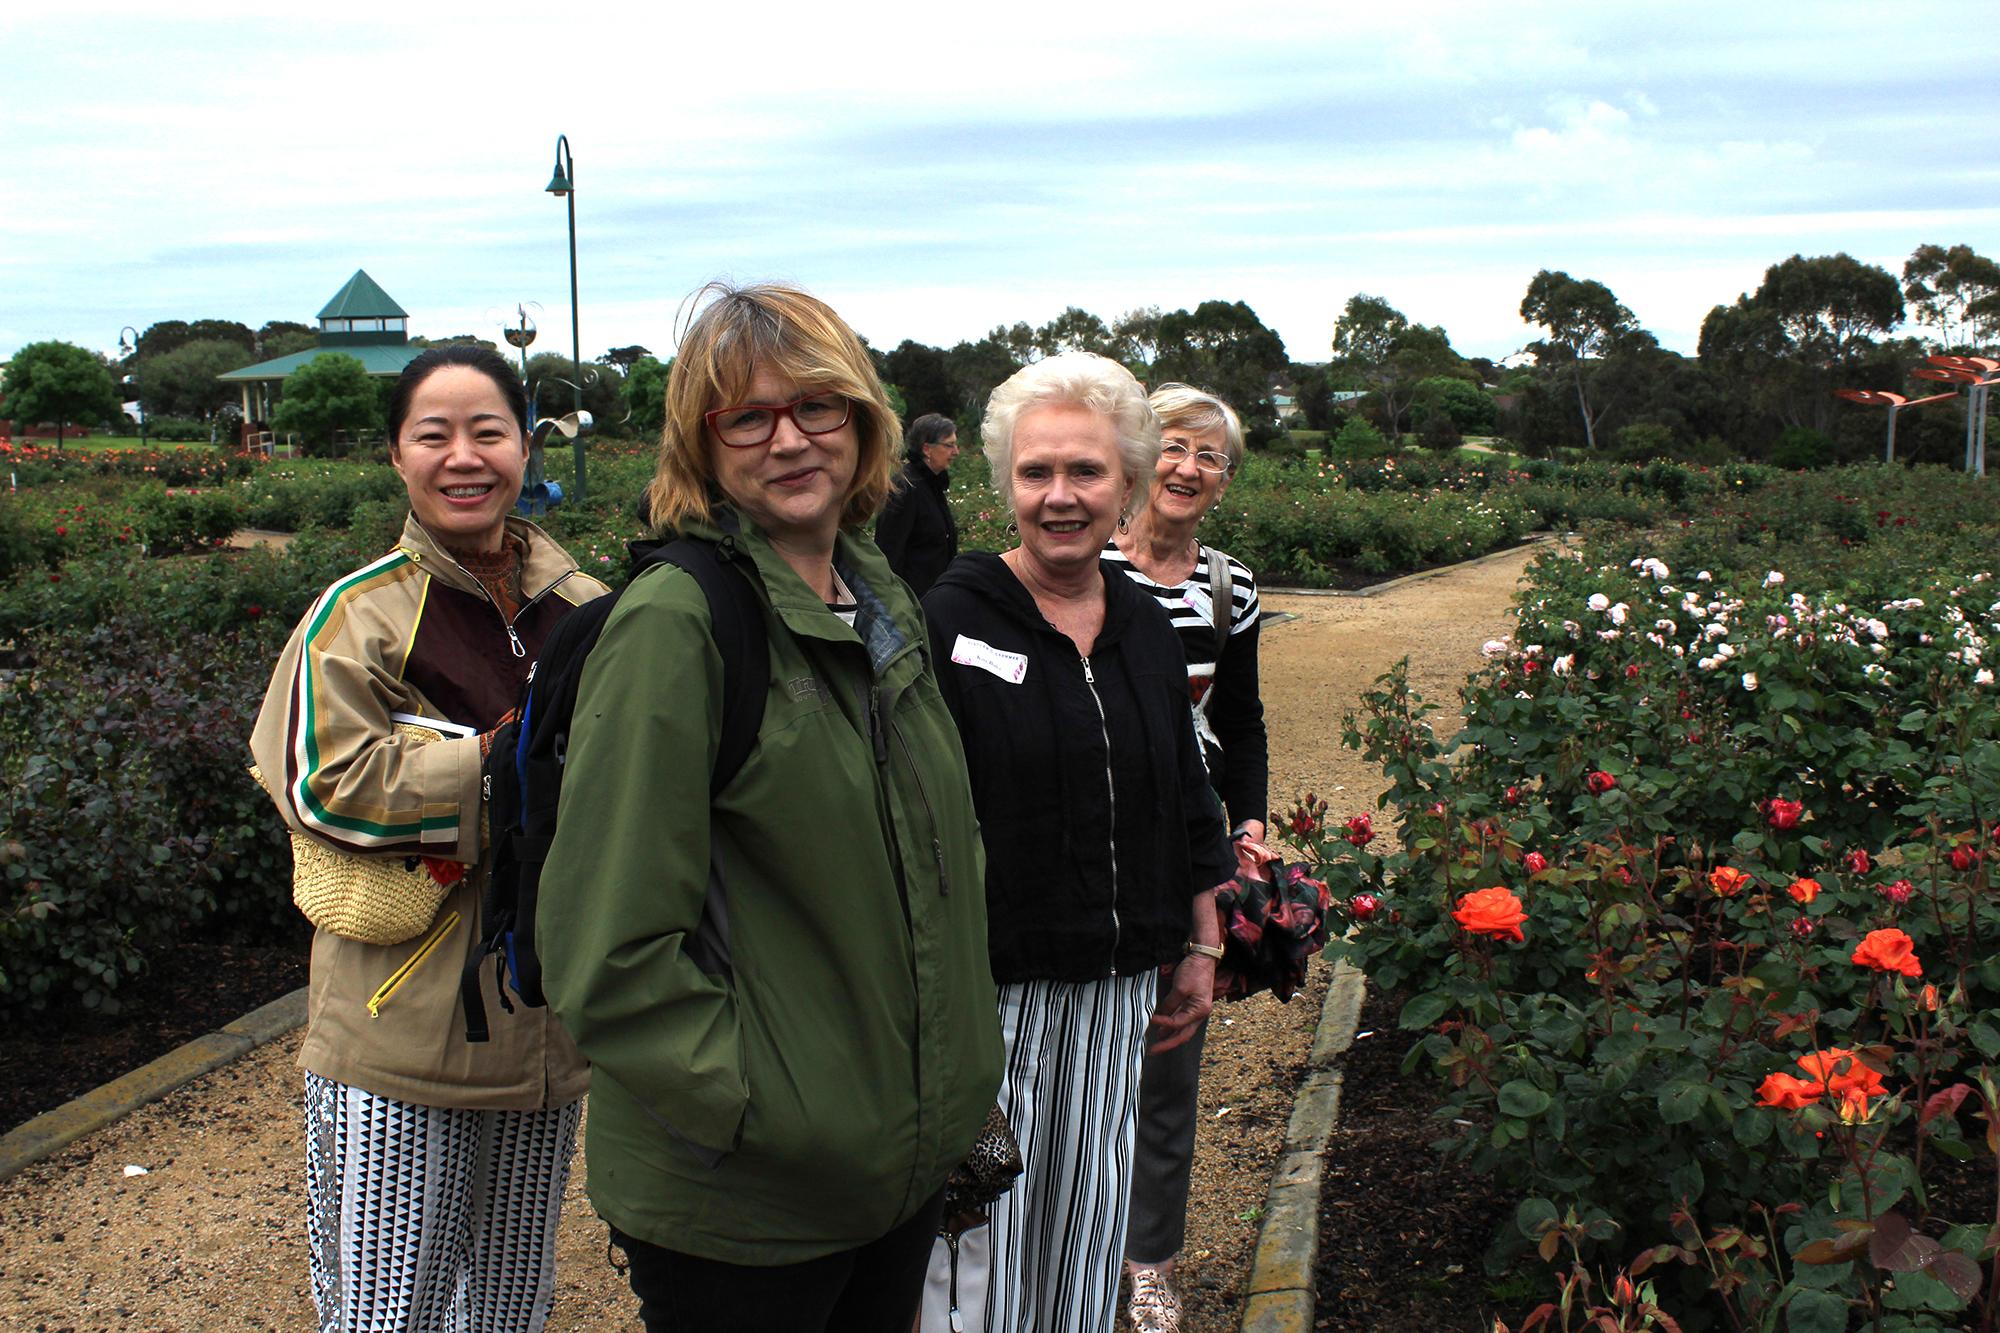 Reunion garden tour